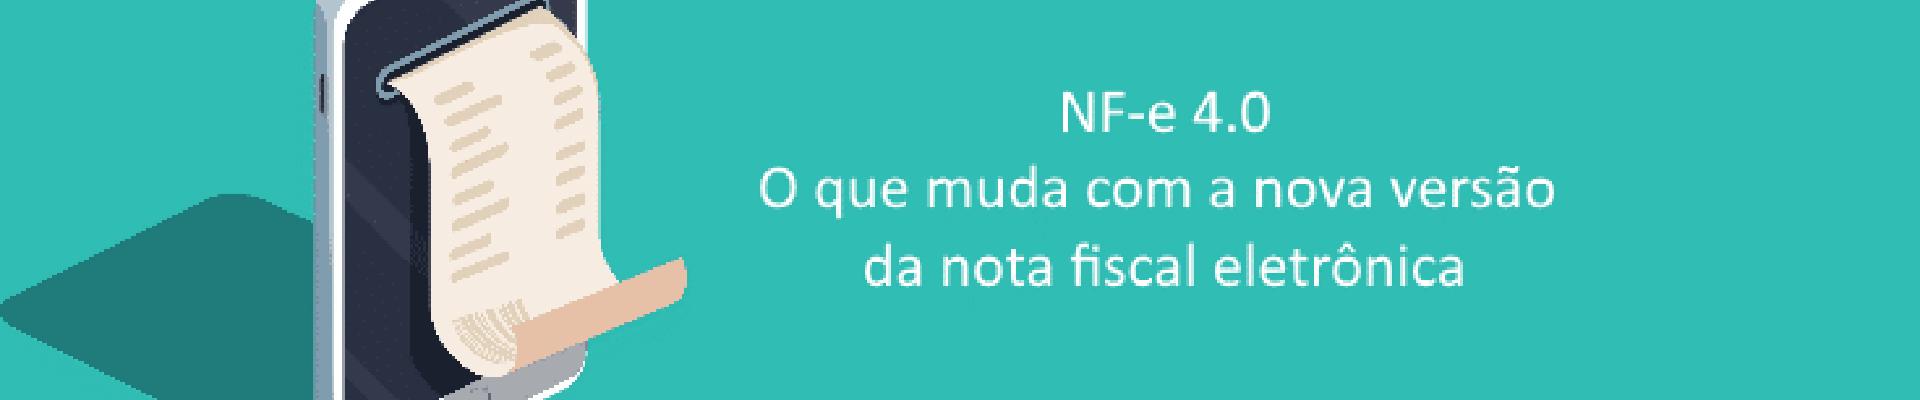 NFe: Nota Fiscal Eletrônica 4.0